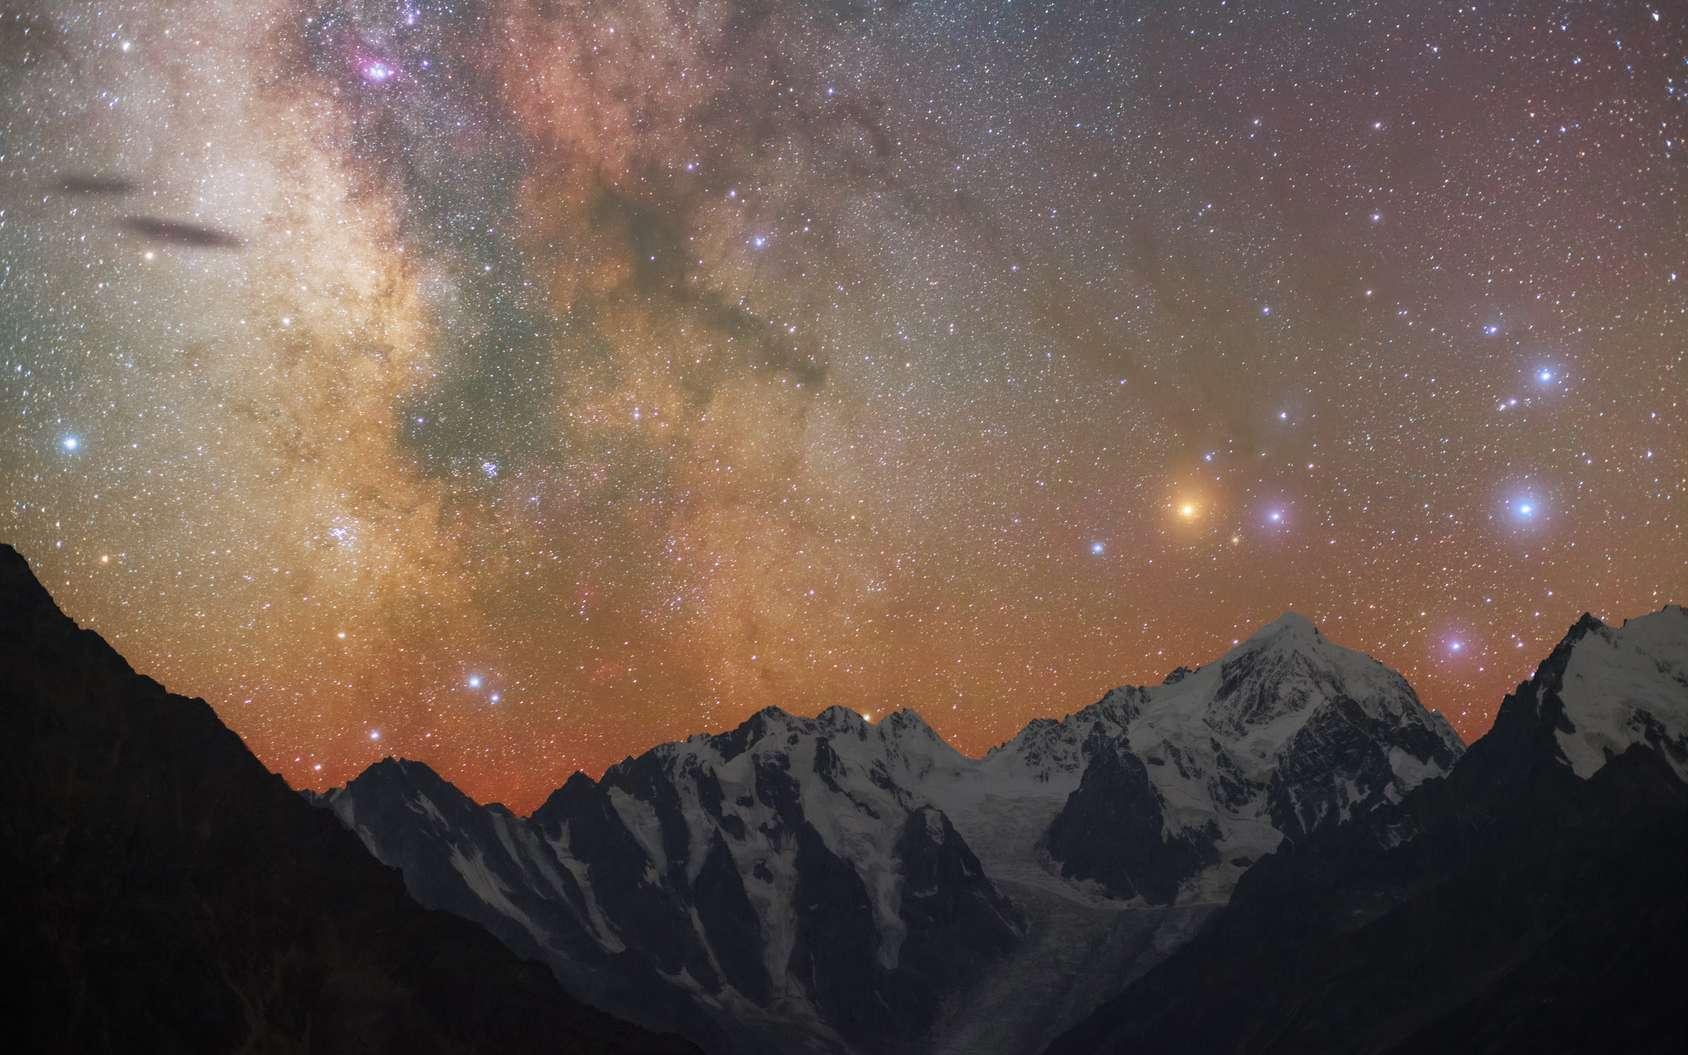 Au-dessus des montagnes, on reconnaît la constellation du Scorpion, visible l'été en direction du sud. L'étoile rouge-orangé est Antarès. À sa droite, on peut distinguer les étoiles qui forment ses pinces. À l'opposé, à gauche, les deux étoiles blotties devant la Voie lactée représentent le dard du Scorpion. © passmil198216, Fotolia